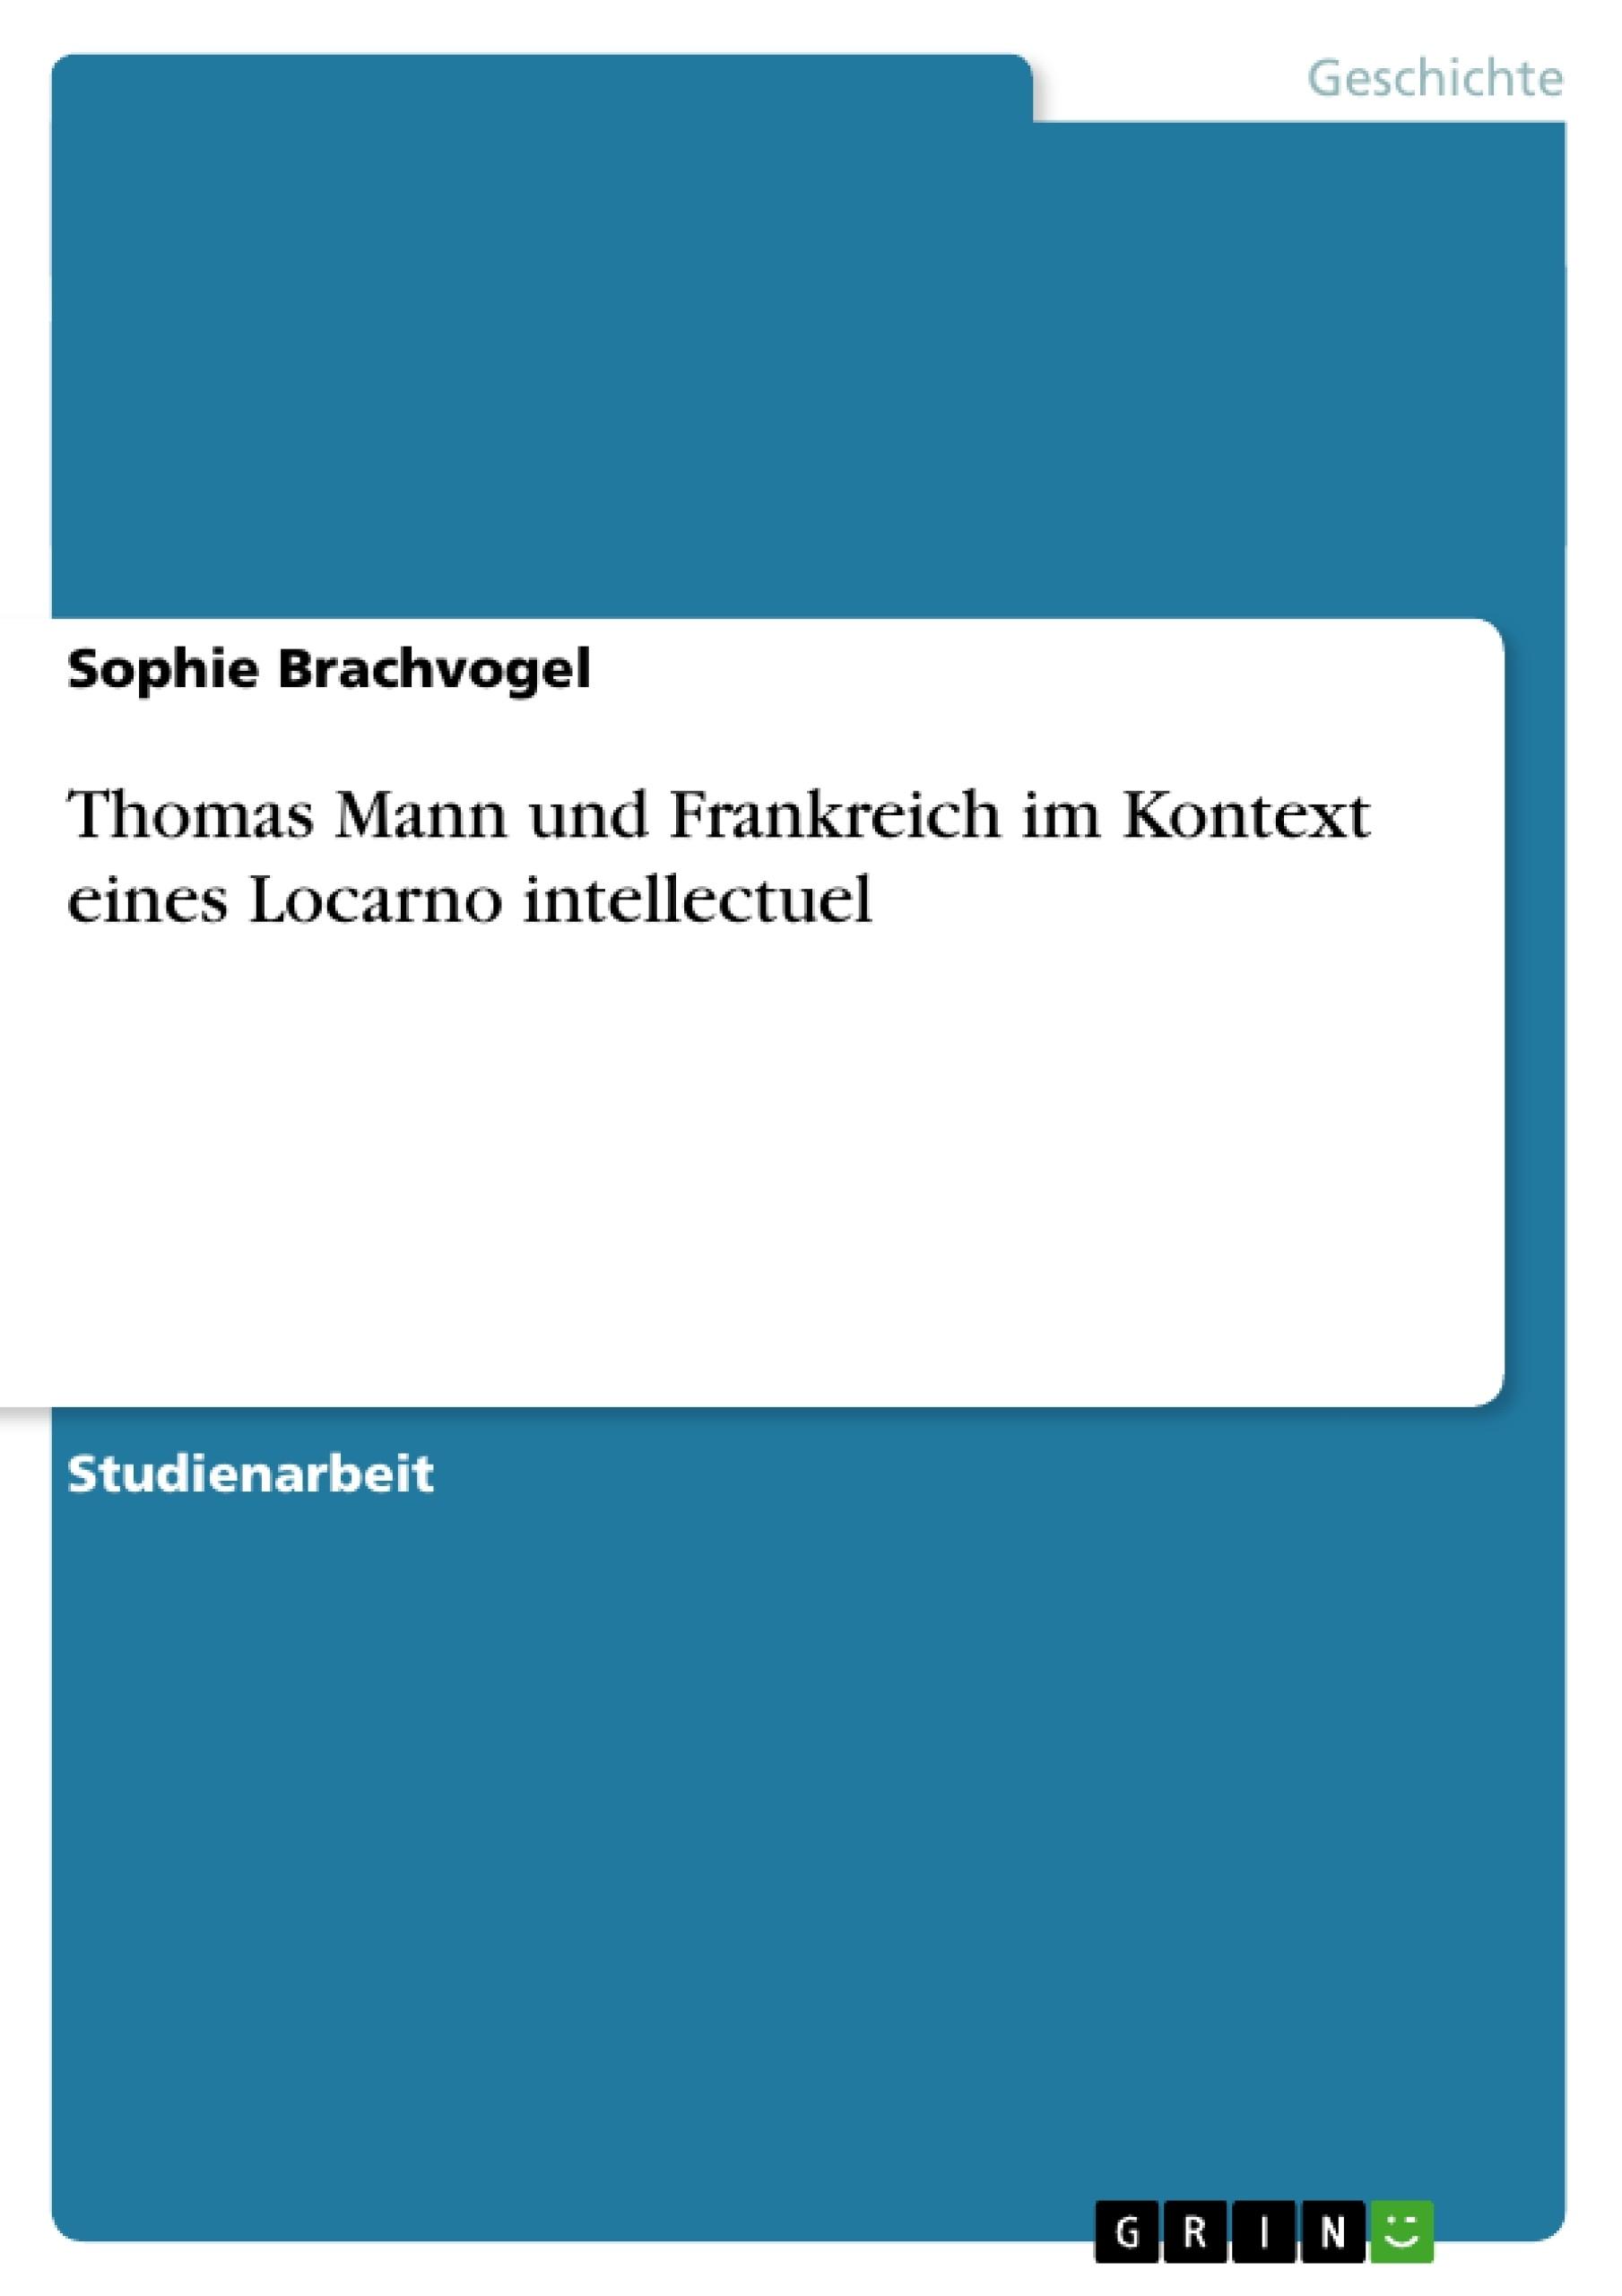 Titel: Thomas Mann und Frankreich im Kontext eines  Locarno intellectuel